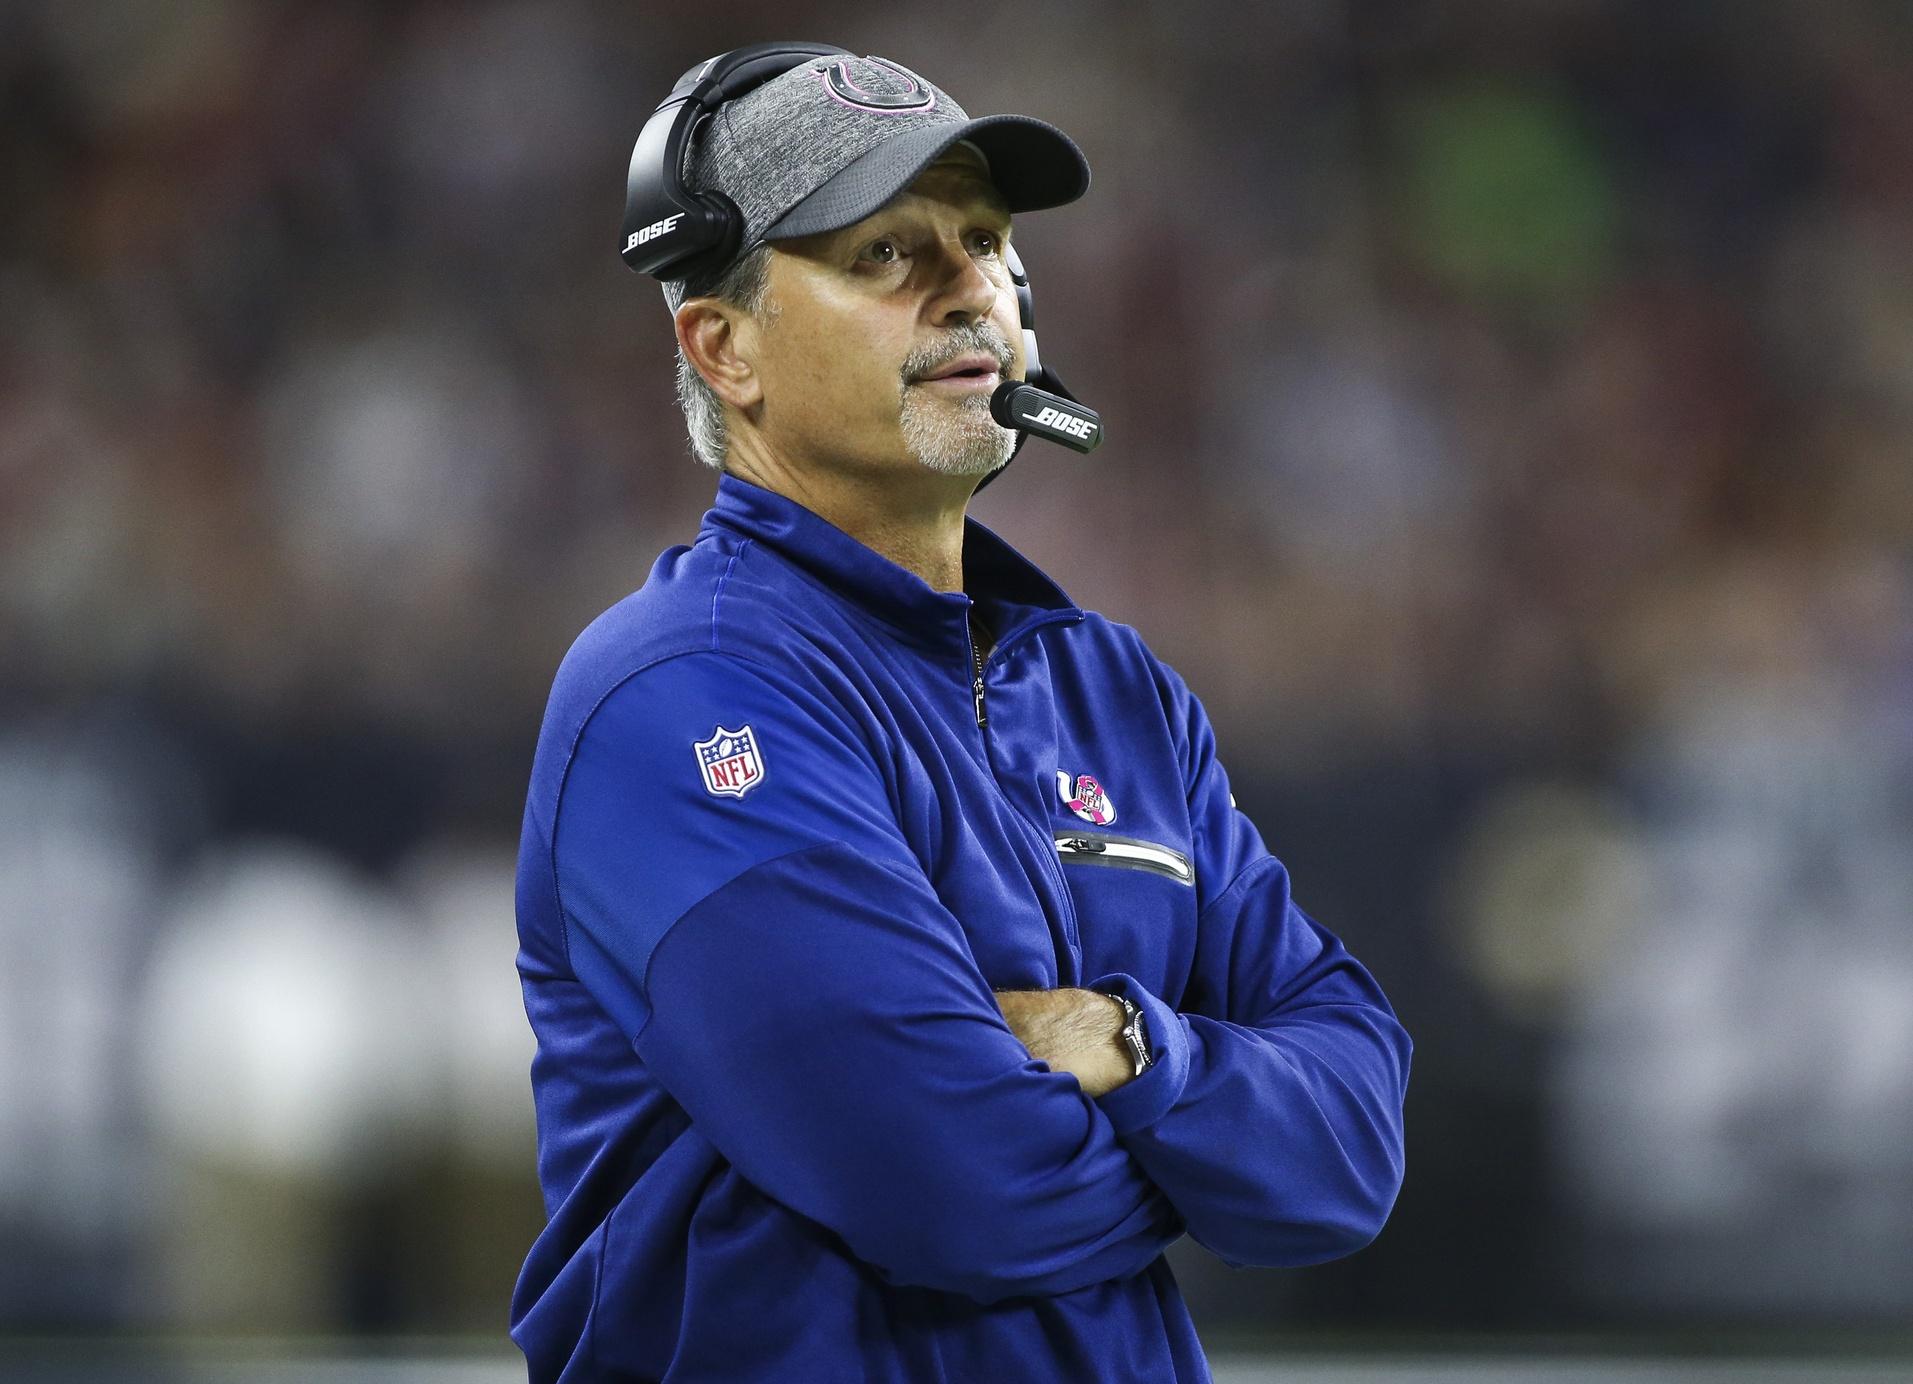 NFL head coaches, Chuck Pagano